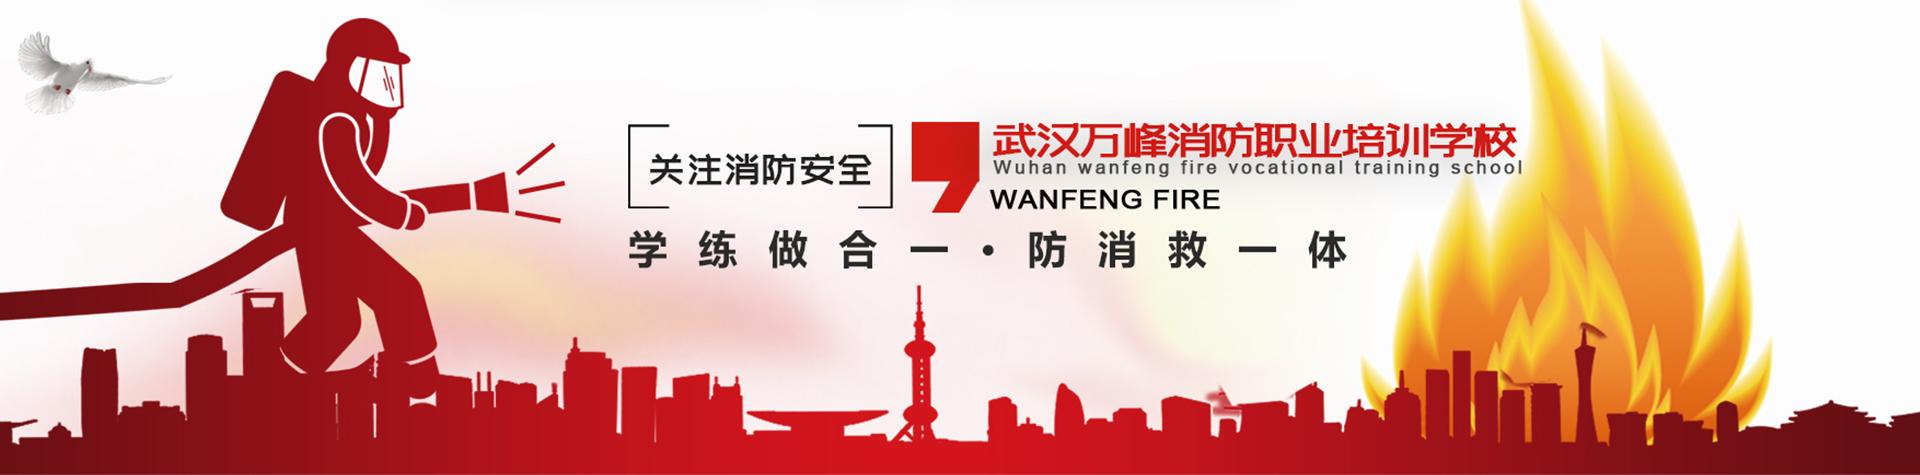 武汉消防培训